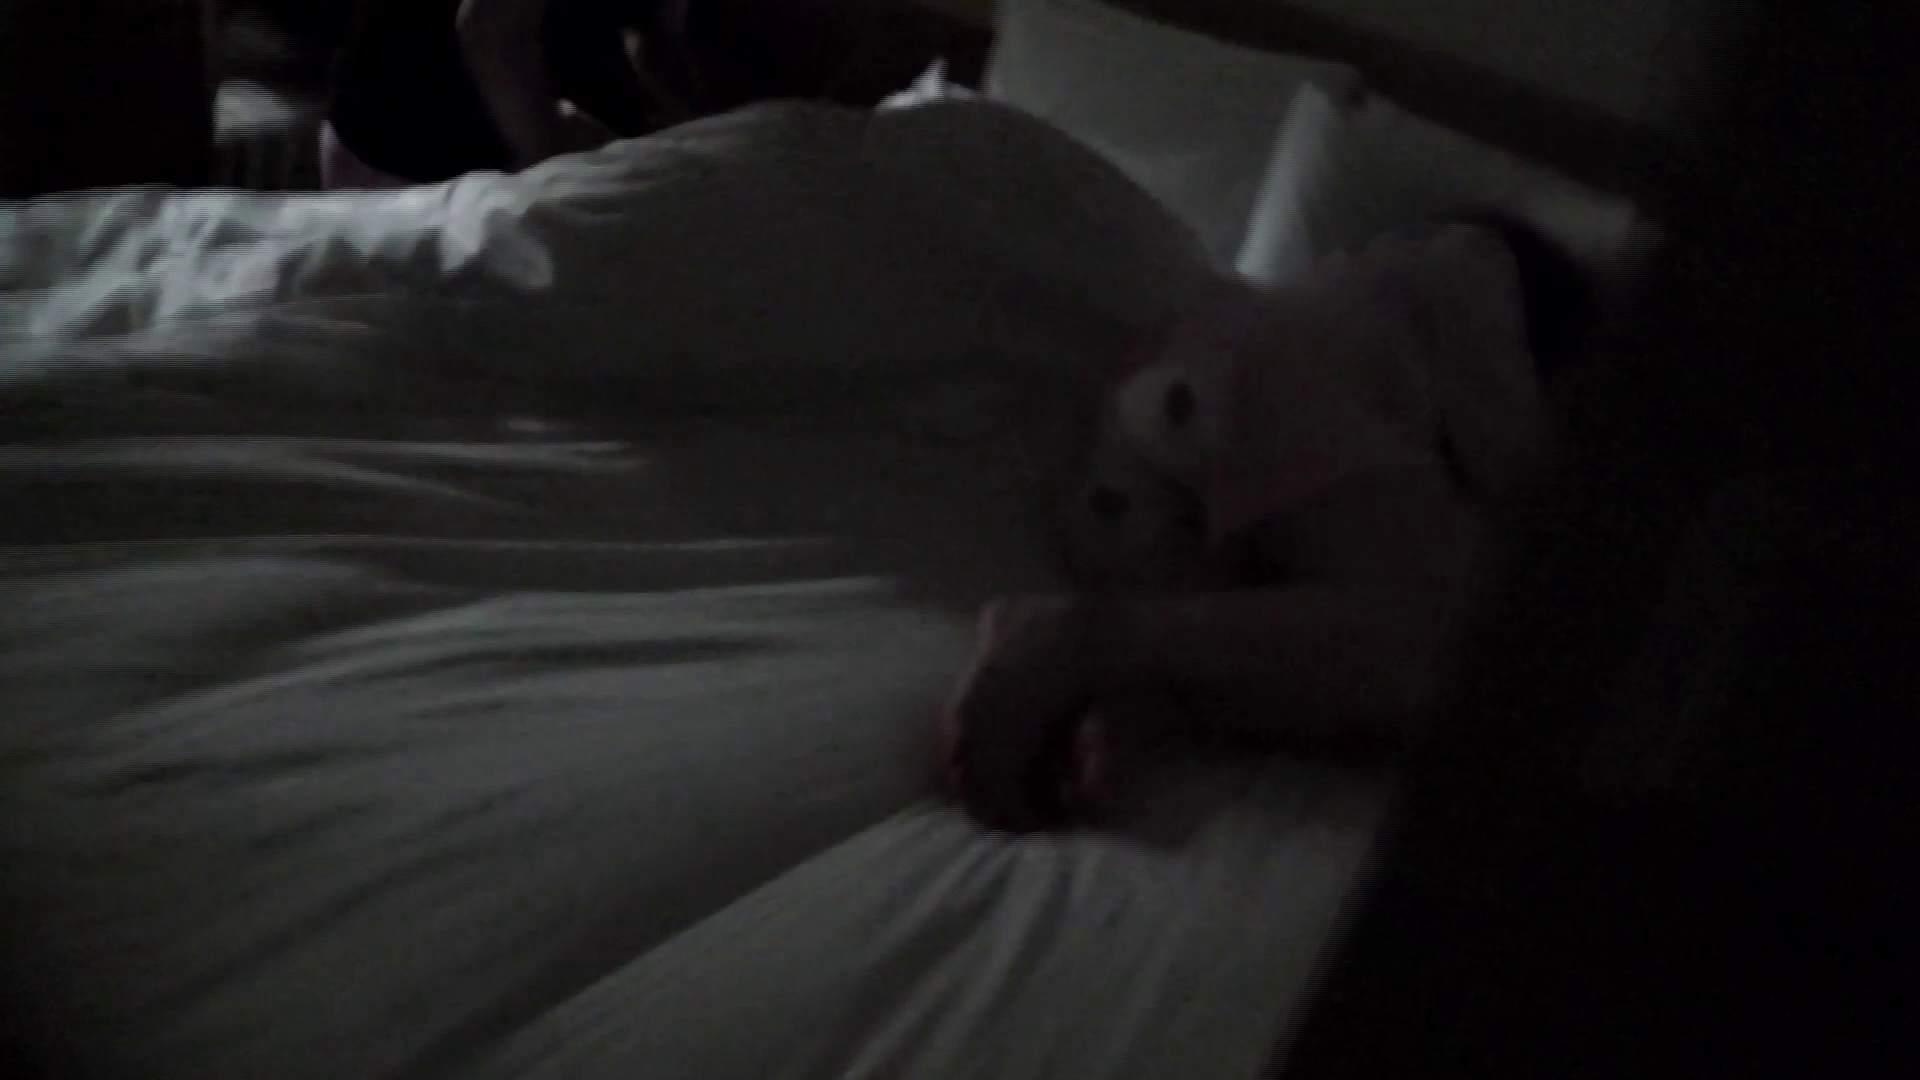 ヒトニアラヅNo.01 侵入 細身女性 | 美乳  68画像 64